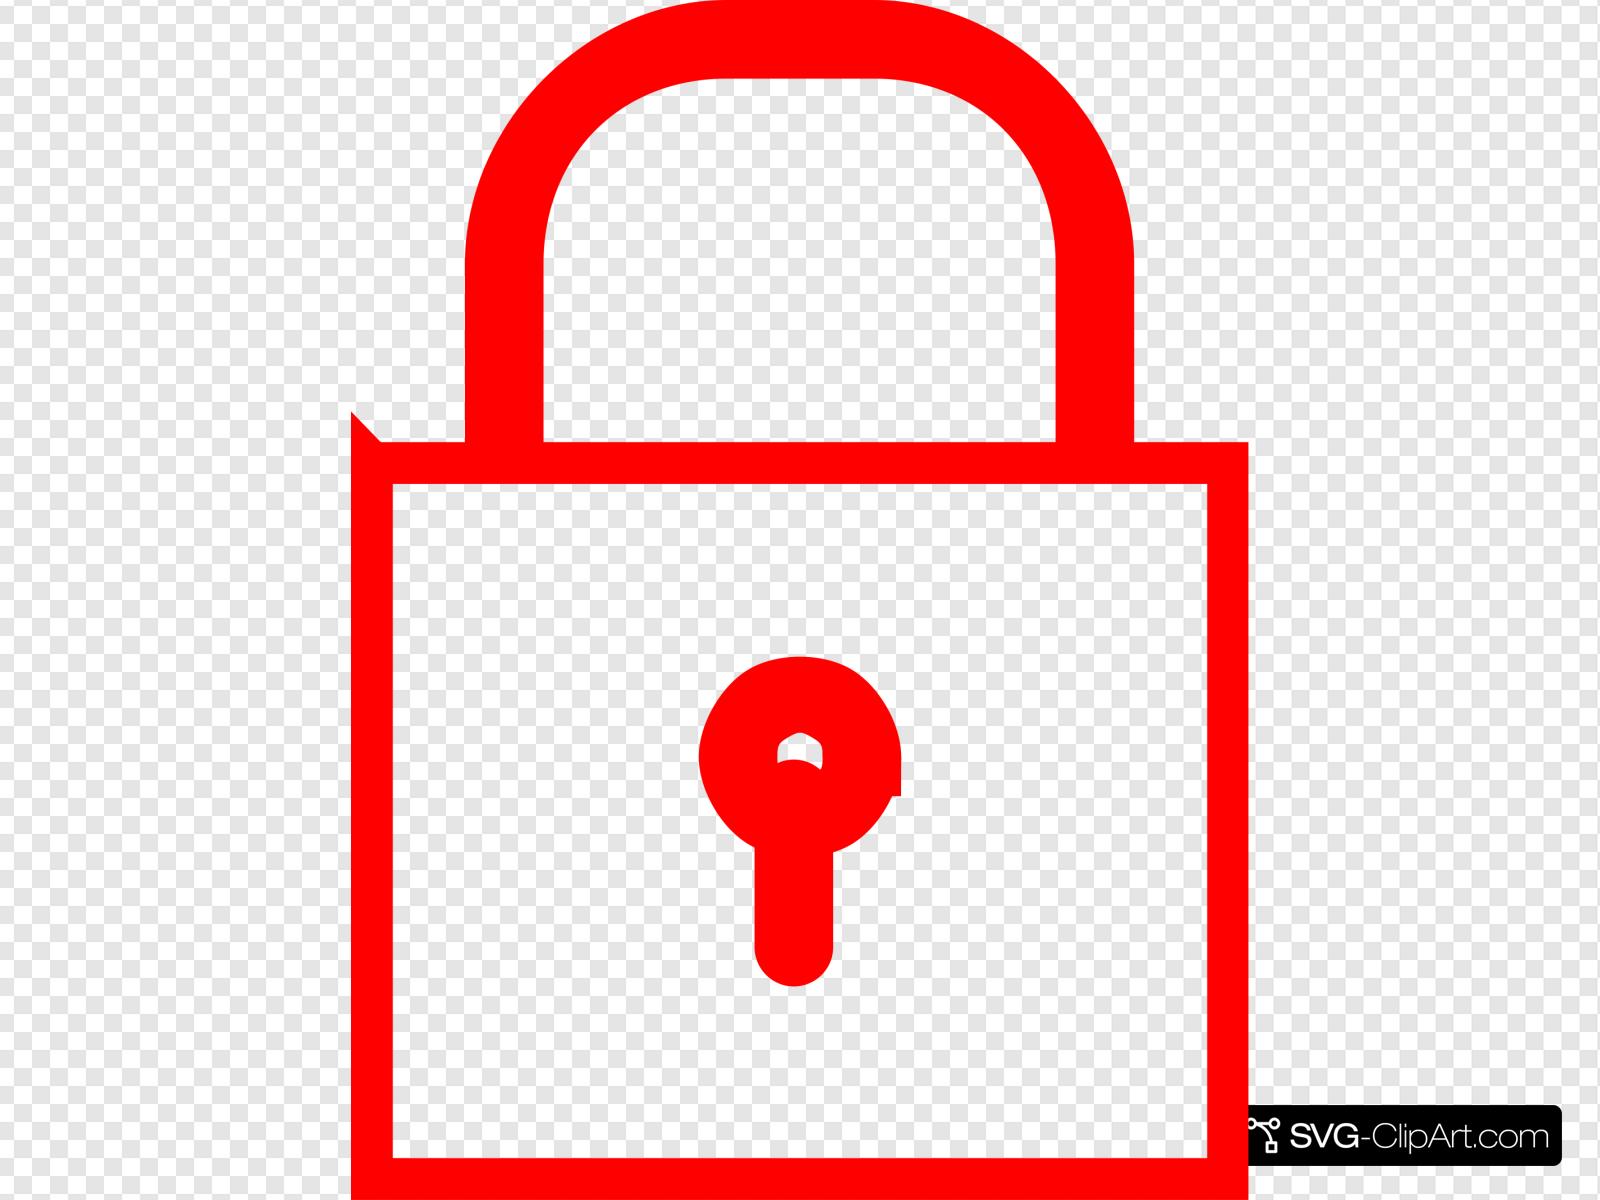 Lock Clip art, Icon and SVG.